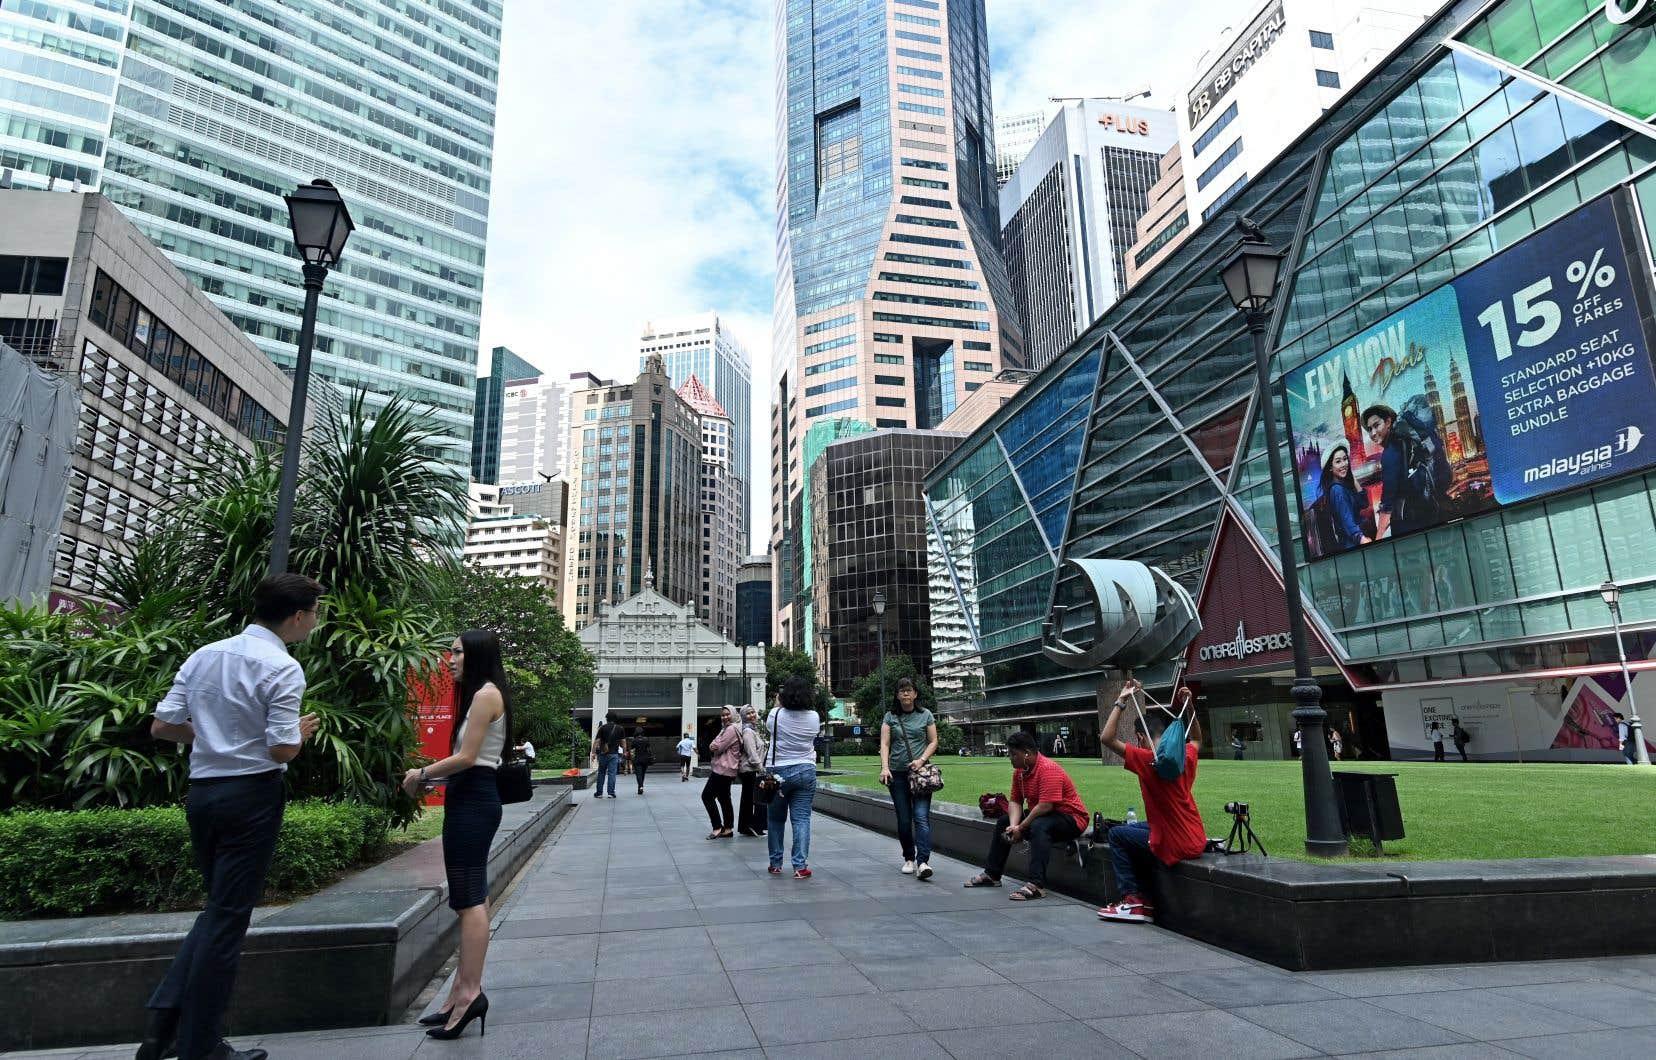 Singapour est considéré comme respectueux de l'État de droit, un atout clé pour attirer les investisseurs.